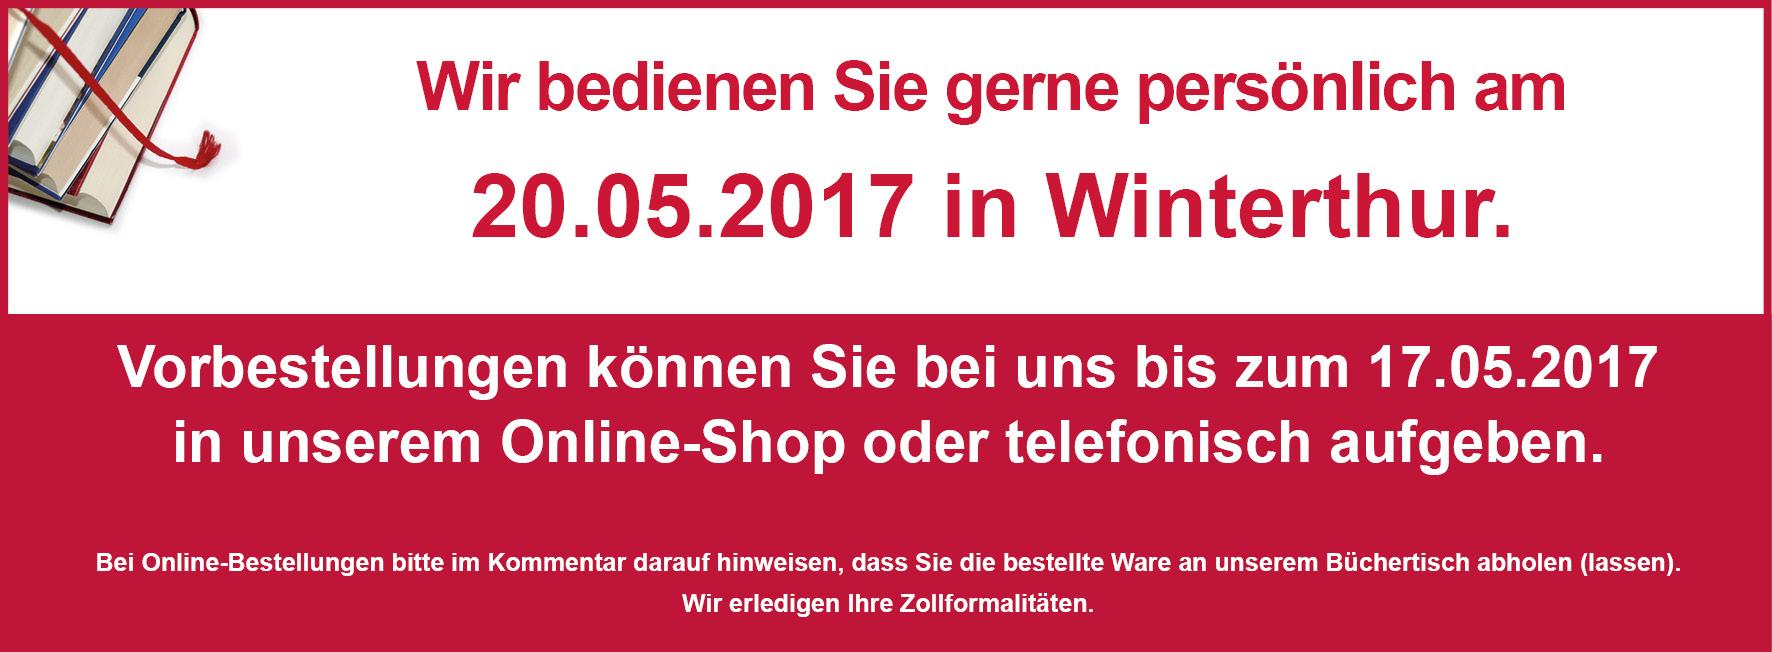 Hinweis_Internetseite_Schweiz_Winterthur-2017